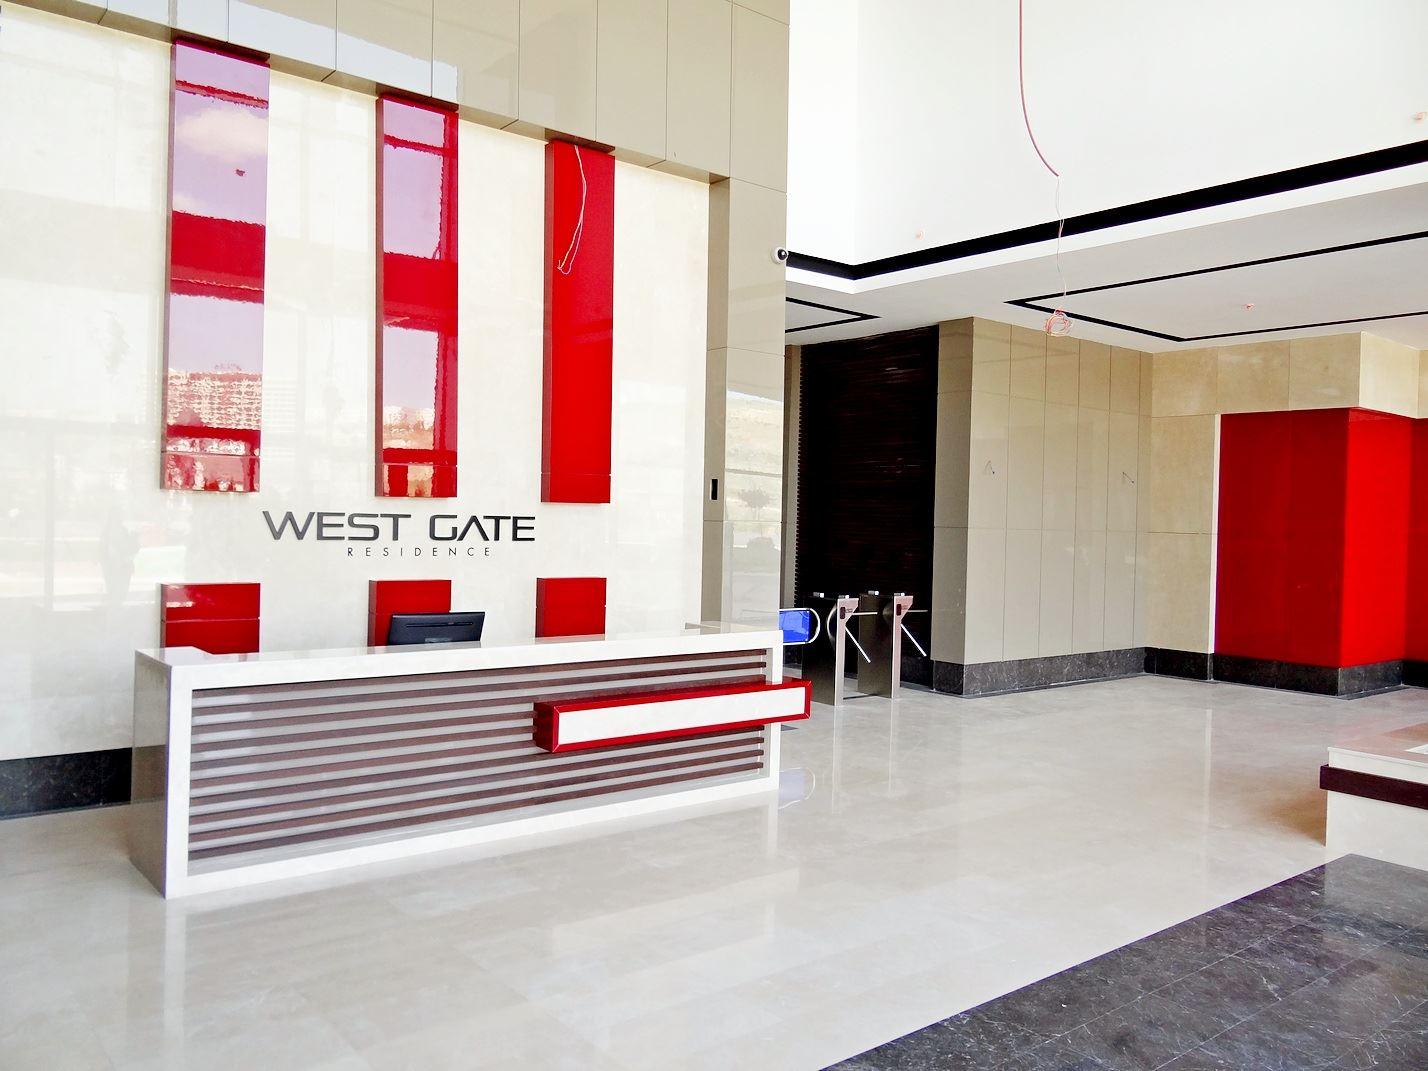 Vestgate-1+1-Eşyalı-Kiralık Daire-Balkonlu-Acil